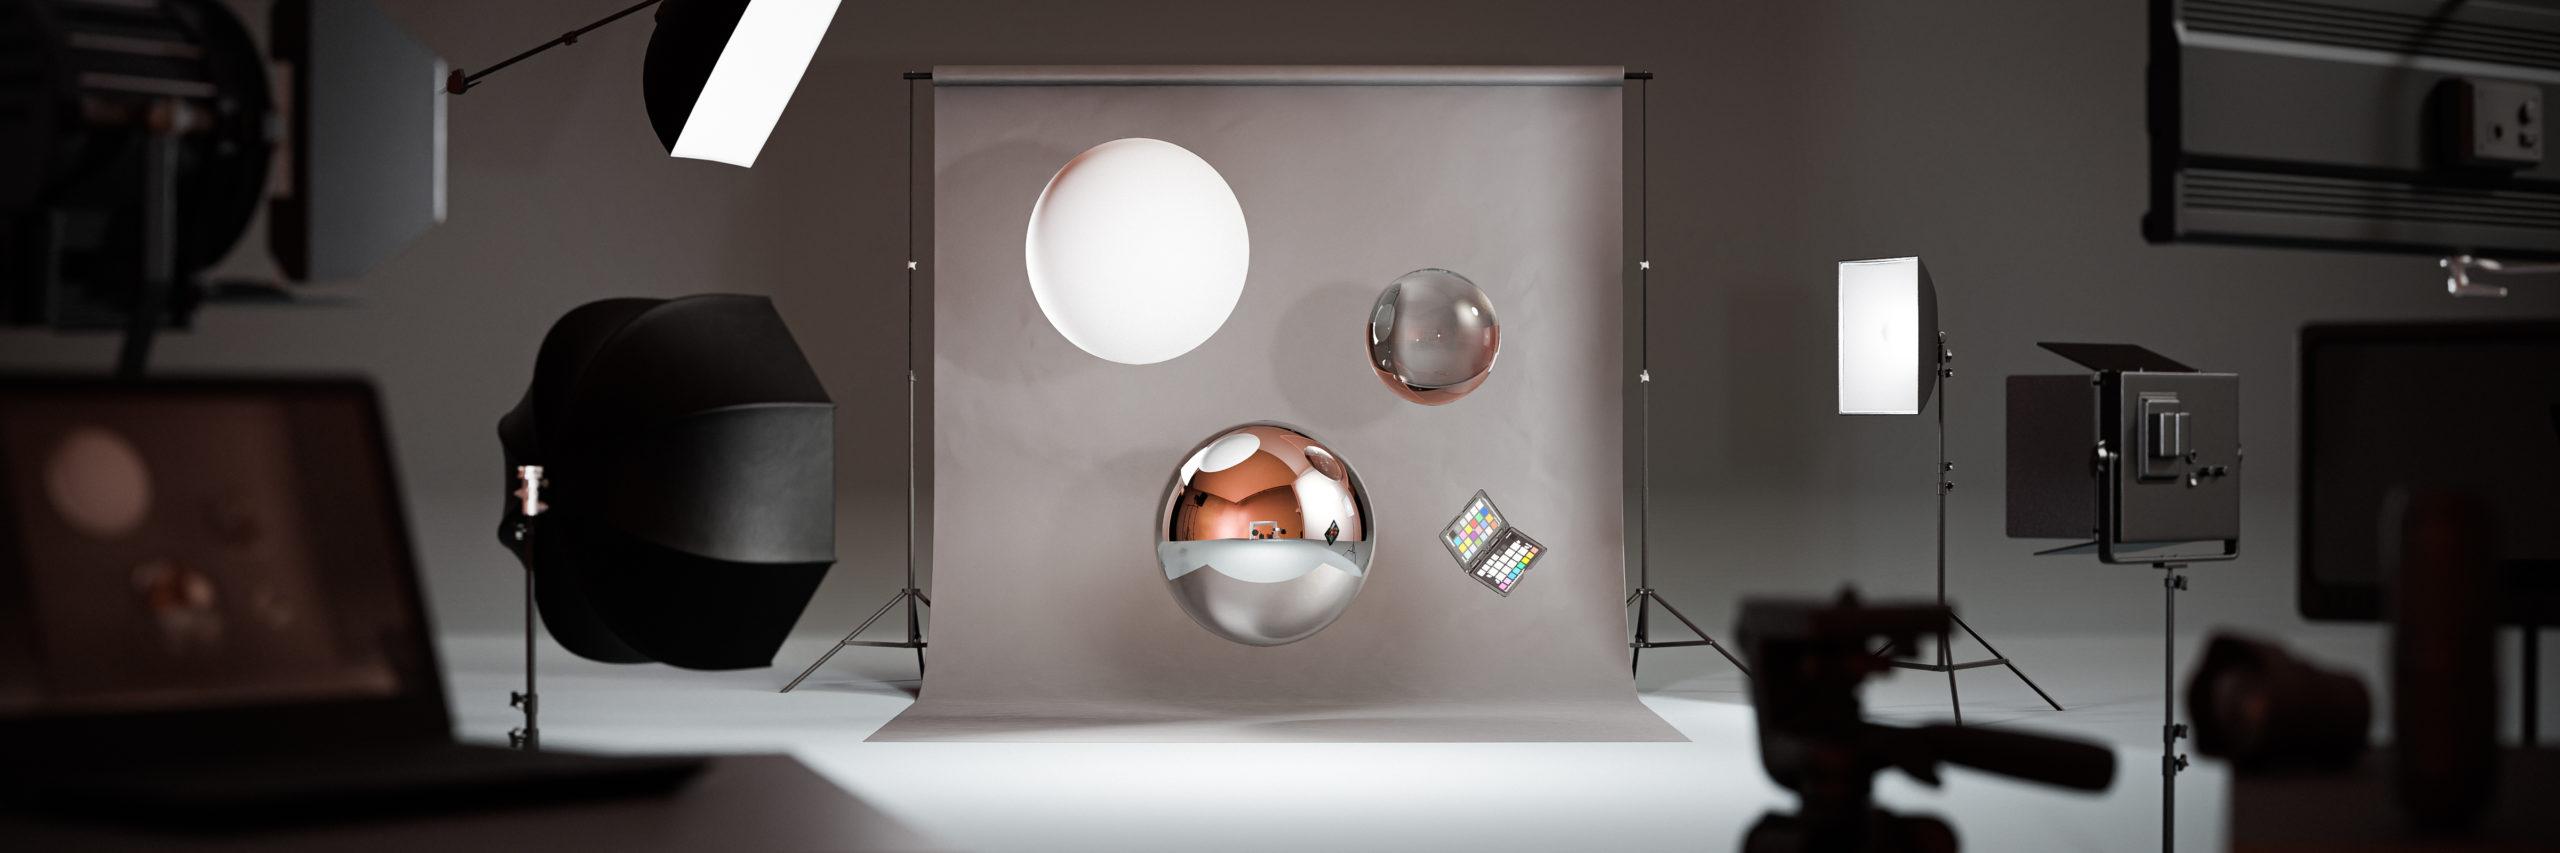 Adobe Substance 3D ¿el futuro de los fotógrafos en peligro?